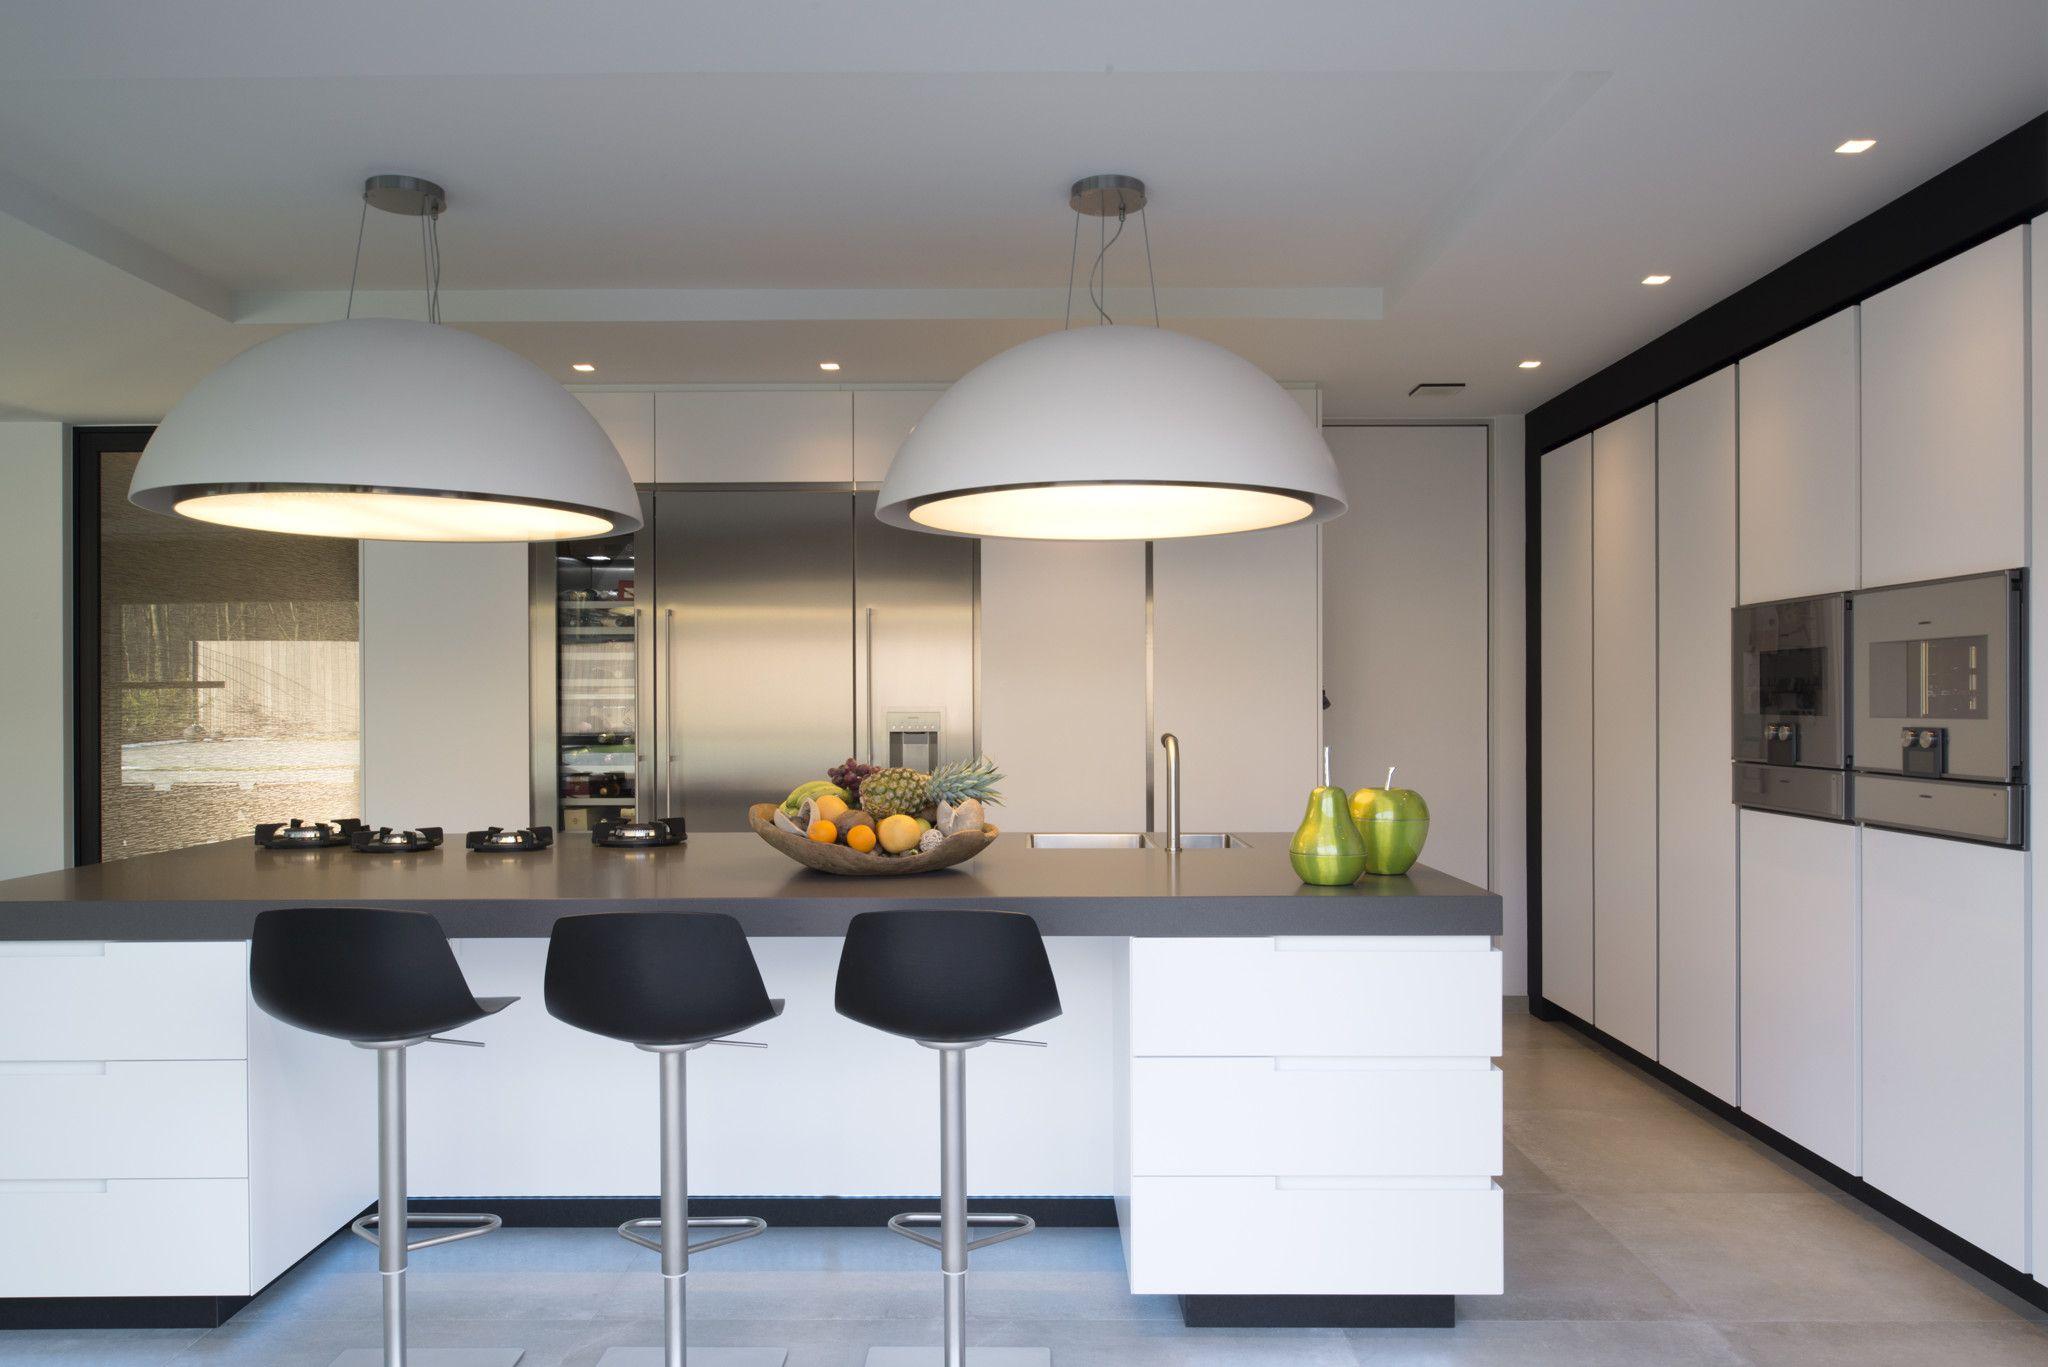 Keuken Moderne Zwart : Zwarte witte keuken u informatie over de keuken